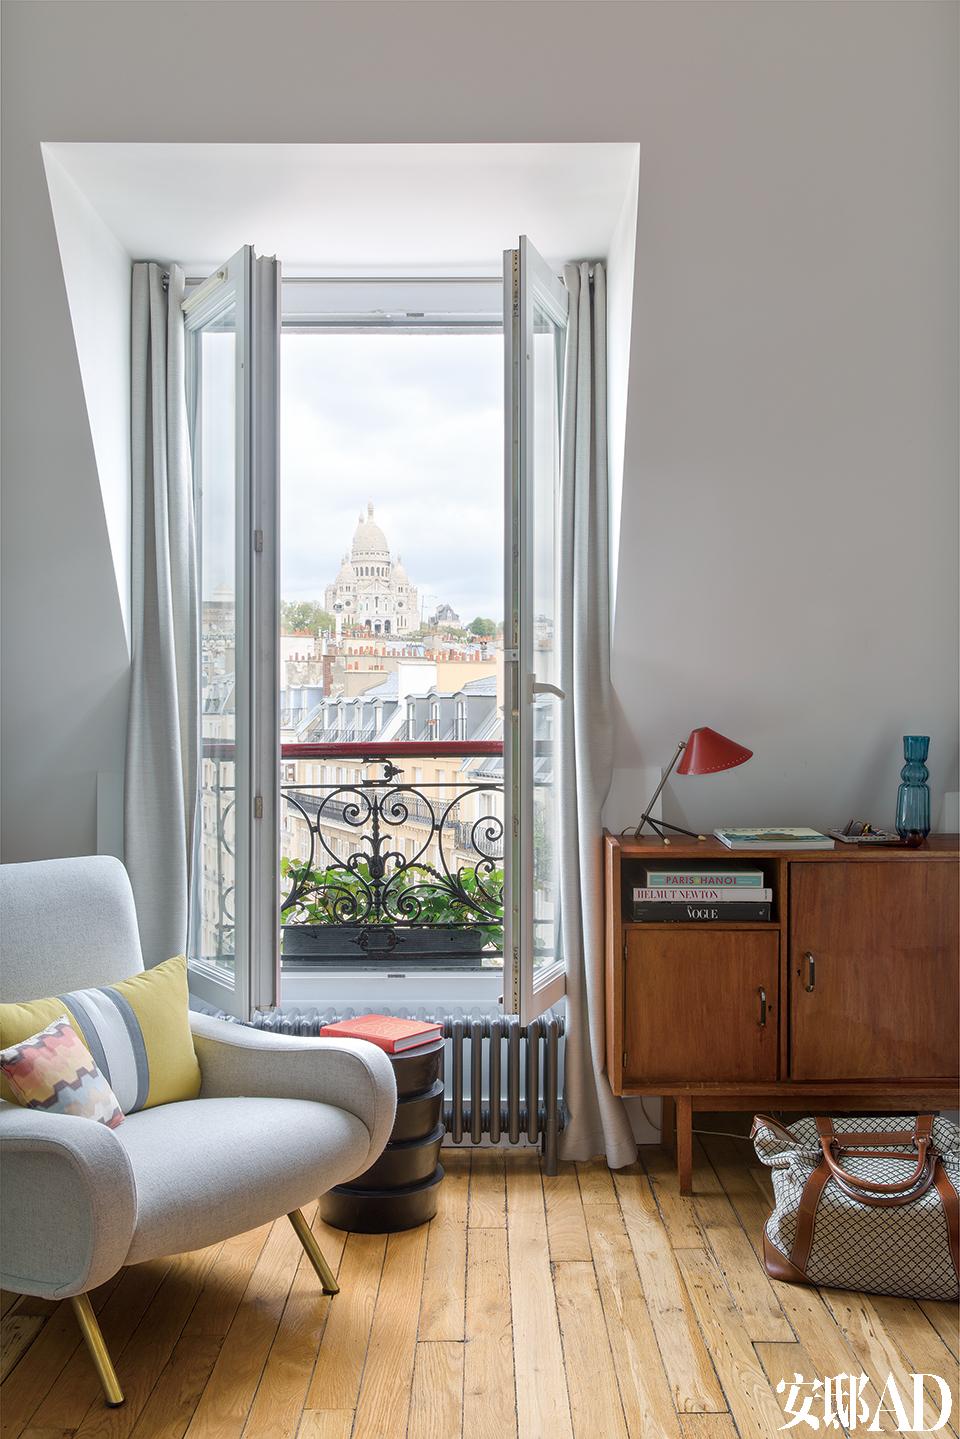 卧室正对着一扇窗,右侧一张20世纪50年代的胡桃木柜来自巴黎的跳蚤市场,柜面上一只Pinocchio红色台灯由H. Busquet在1953年为Hala设计,木柜前的地面上放着主人的Gucci旅行包。